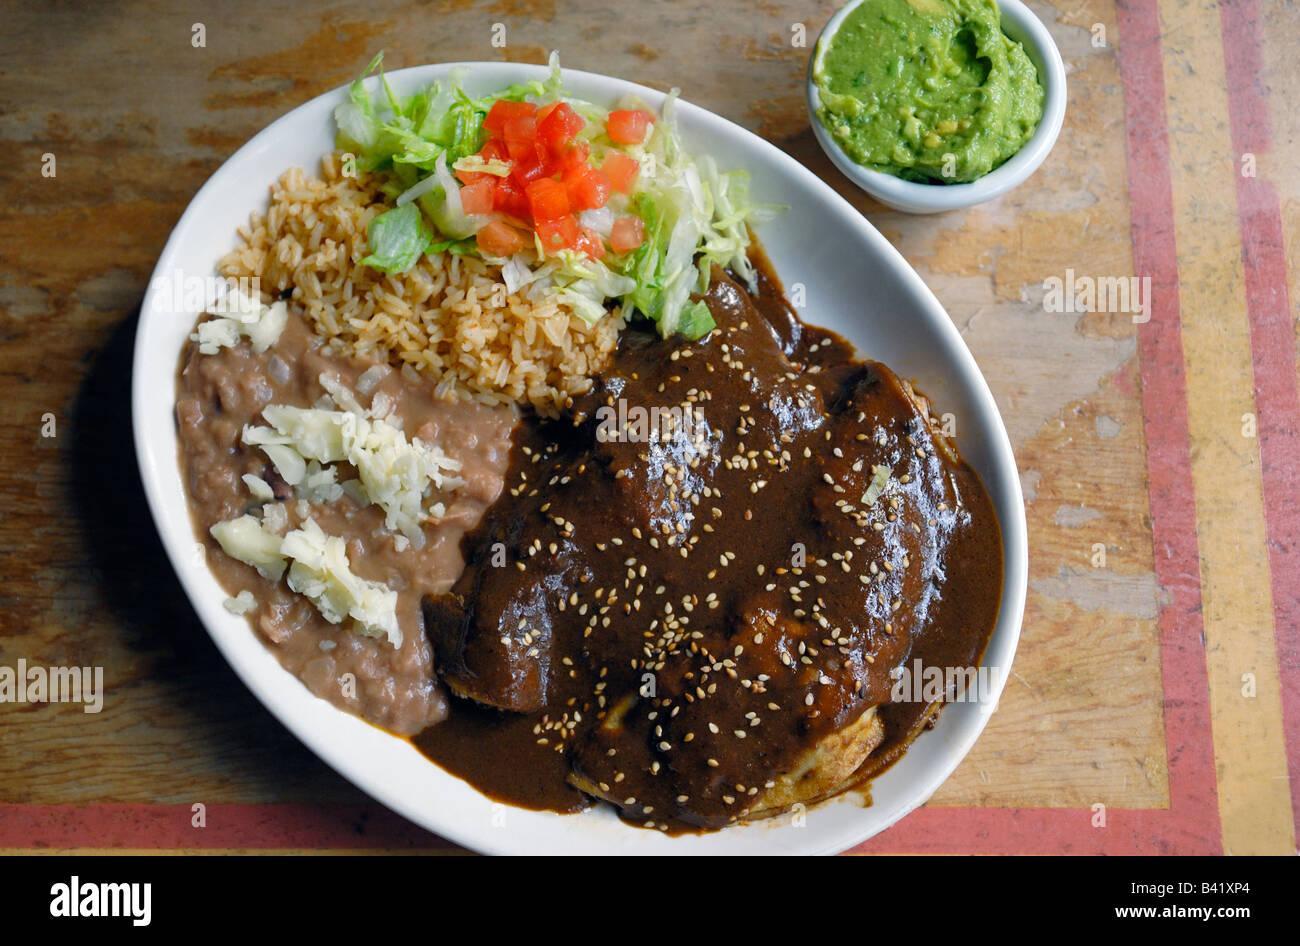 Enchiladas De Pollo Con Mole Poblano Salsa Y Arroz Y